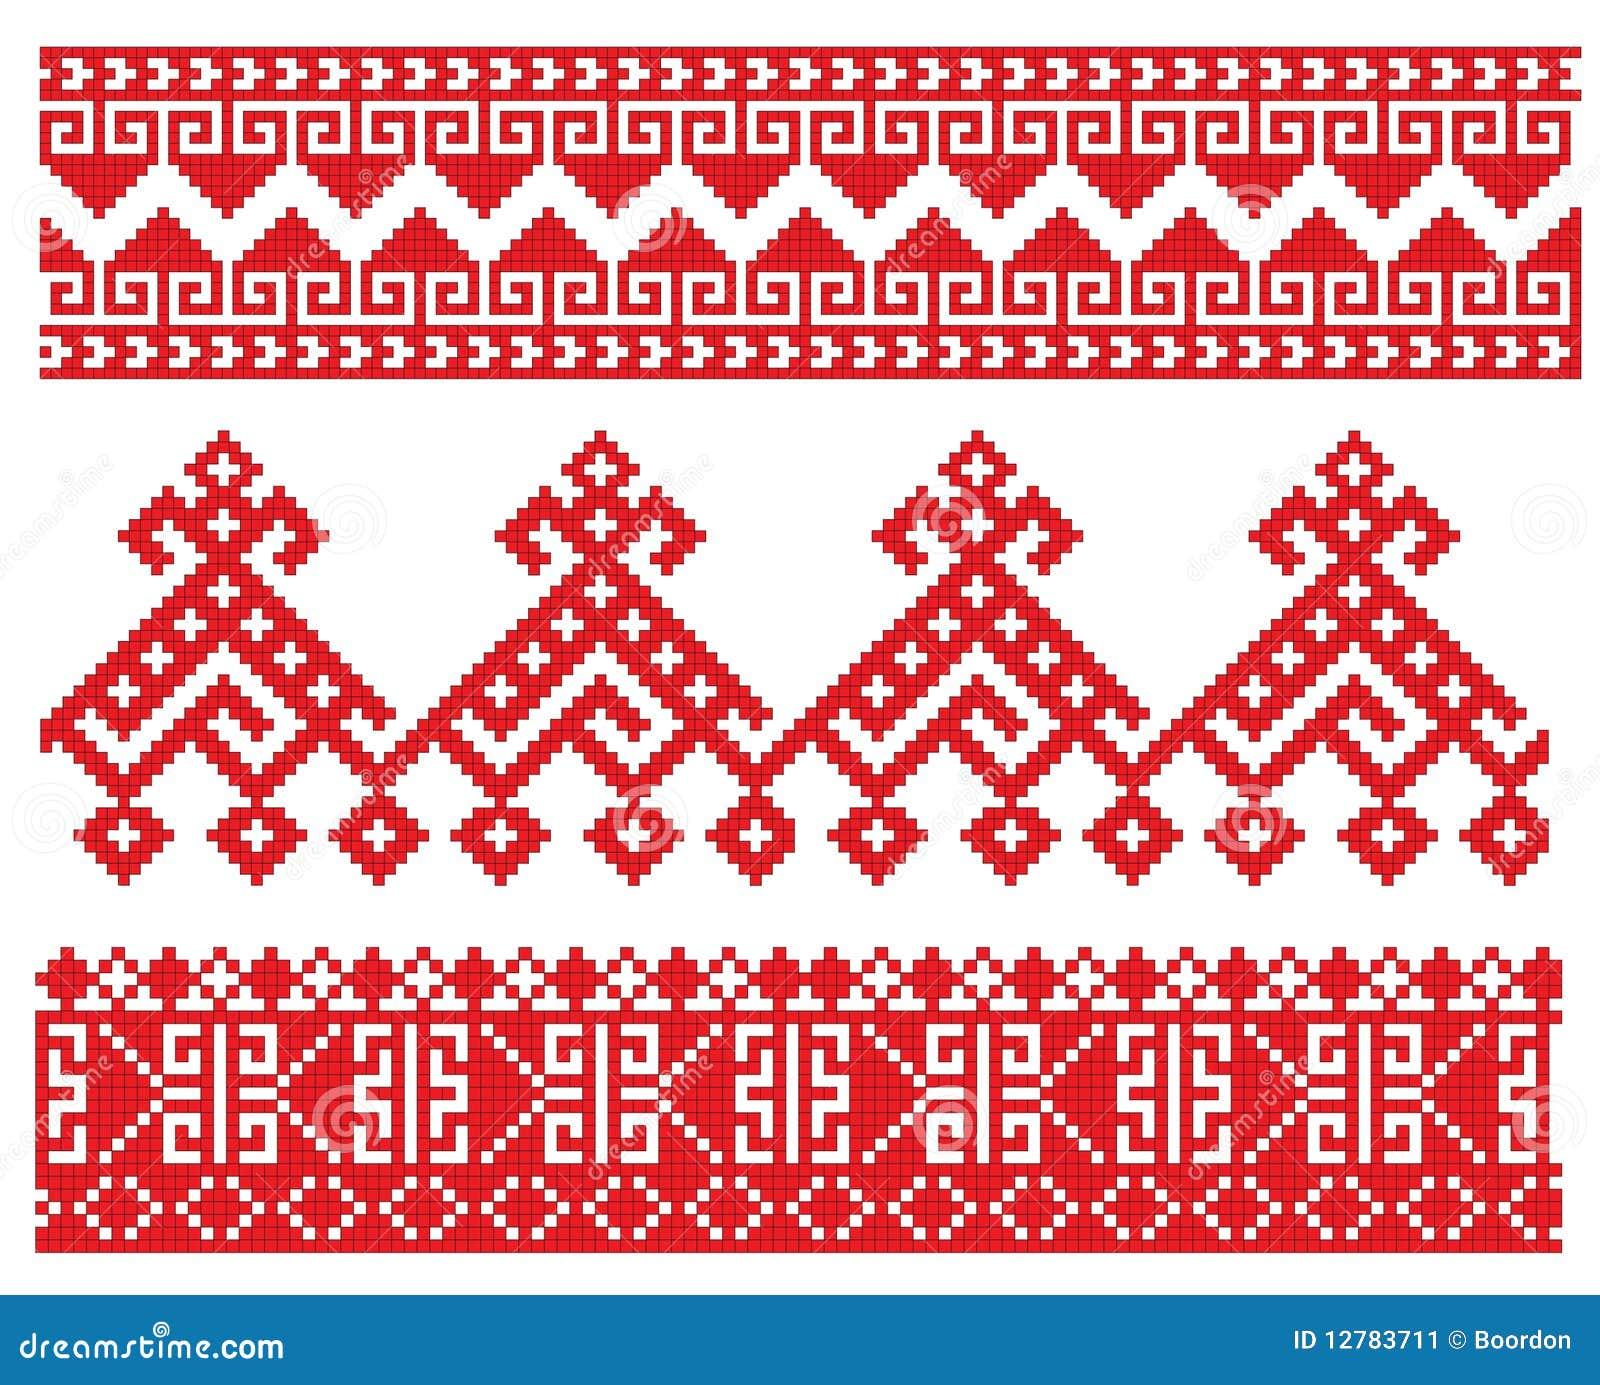 Орнаменты русской вышивки 26